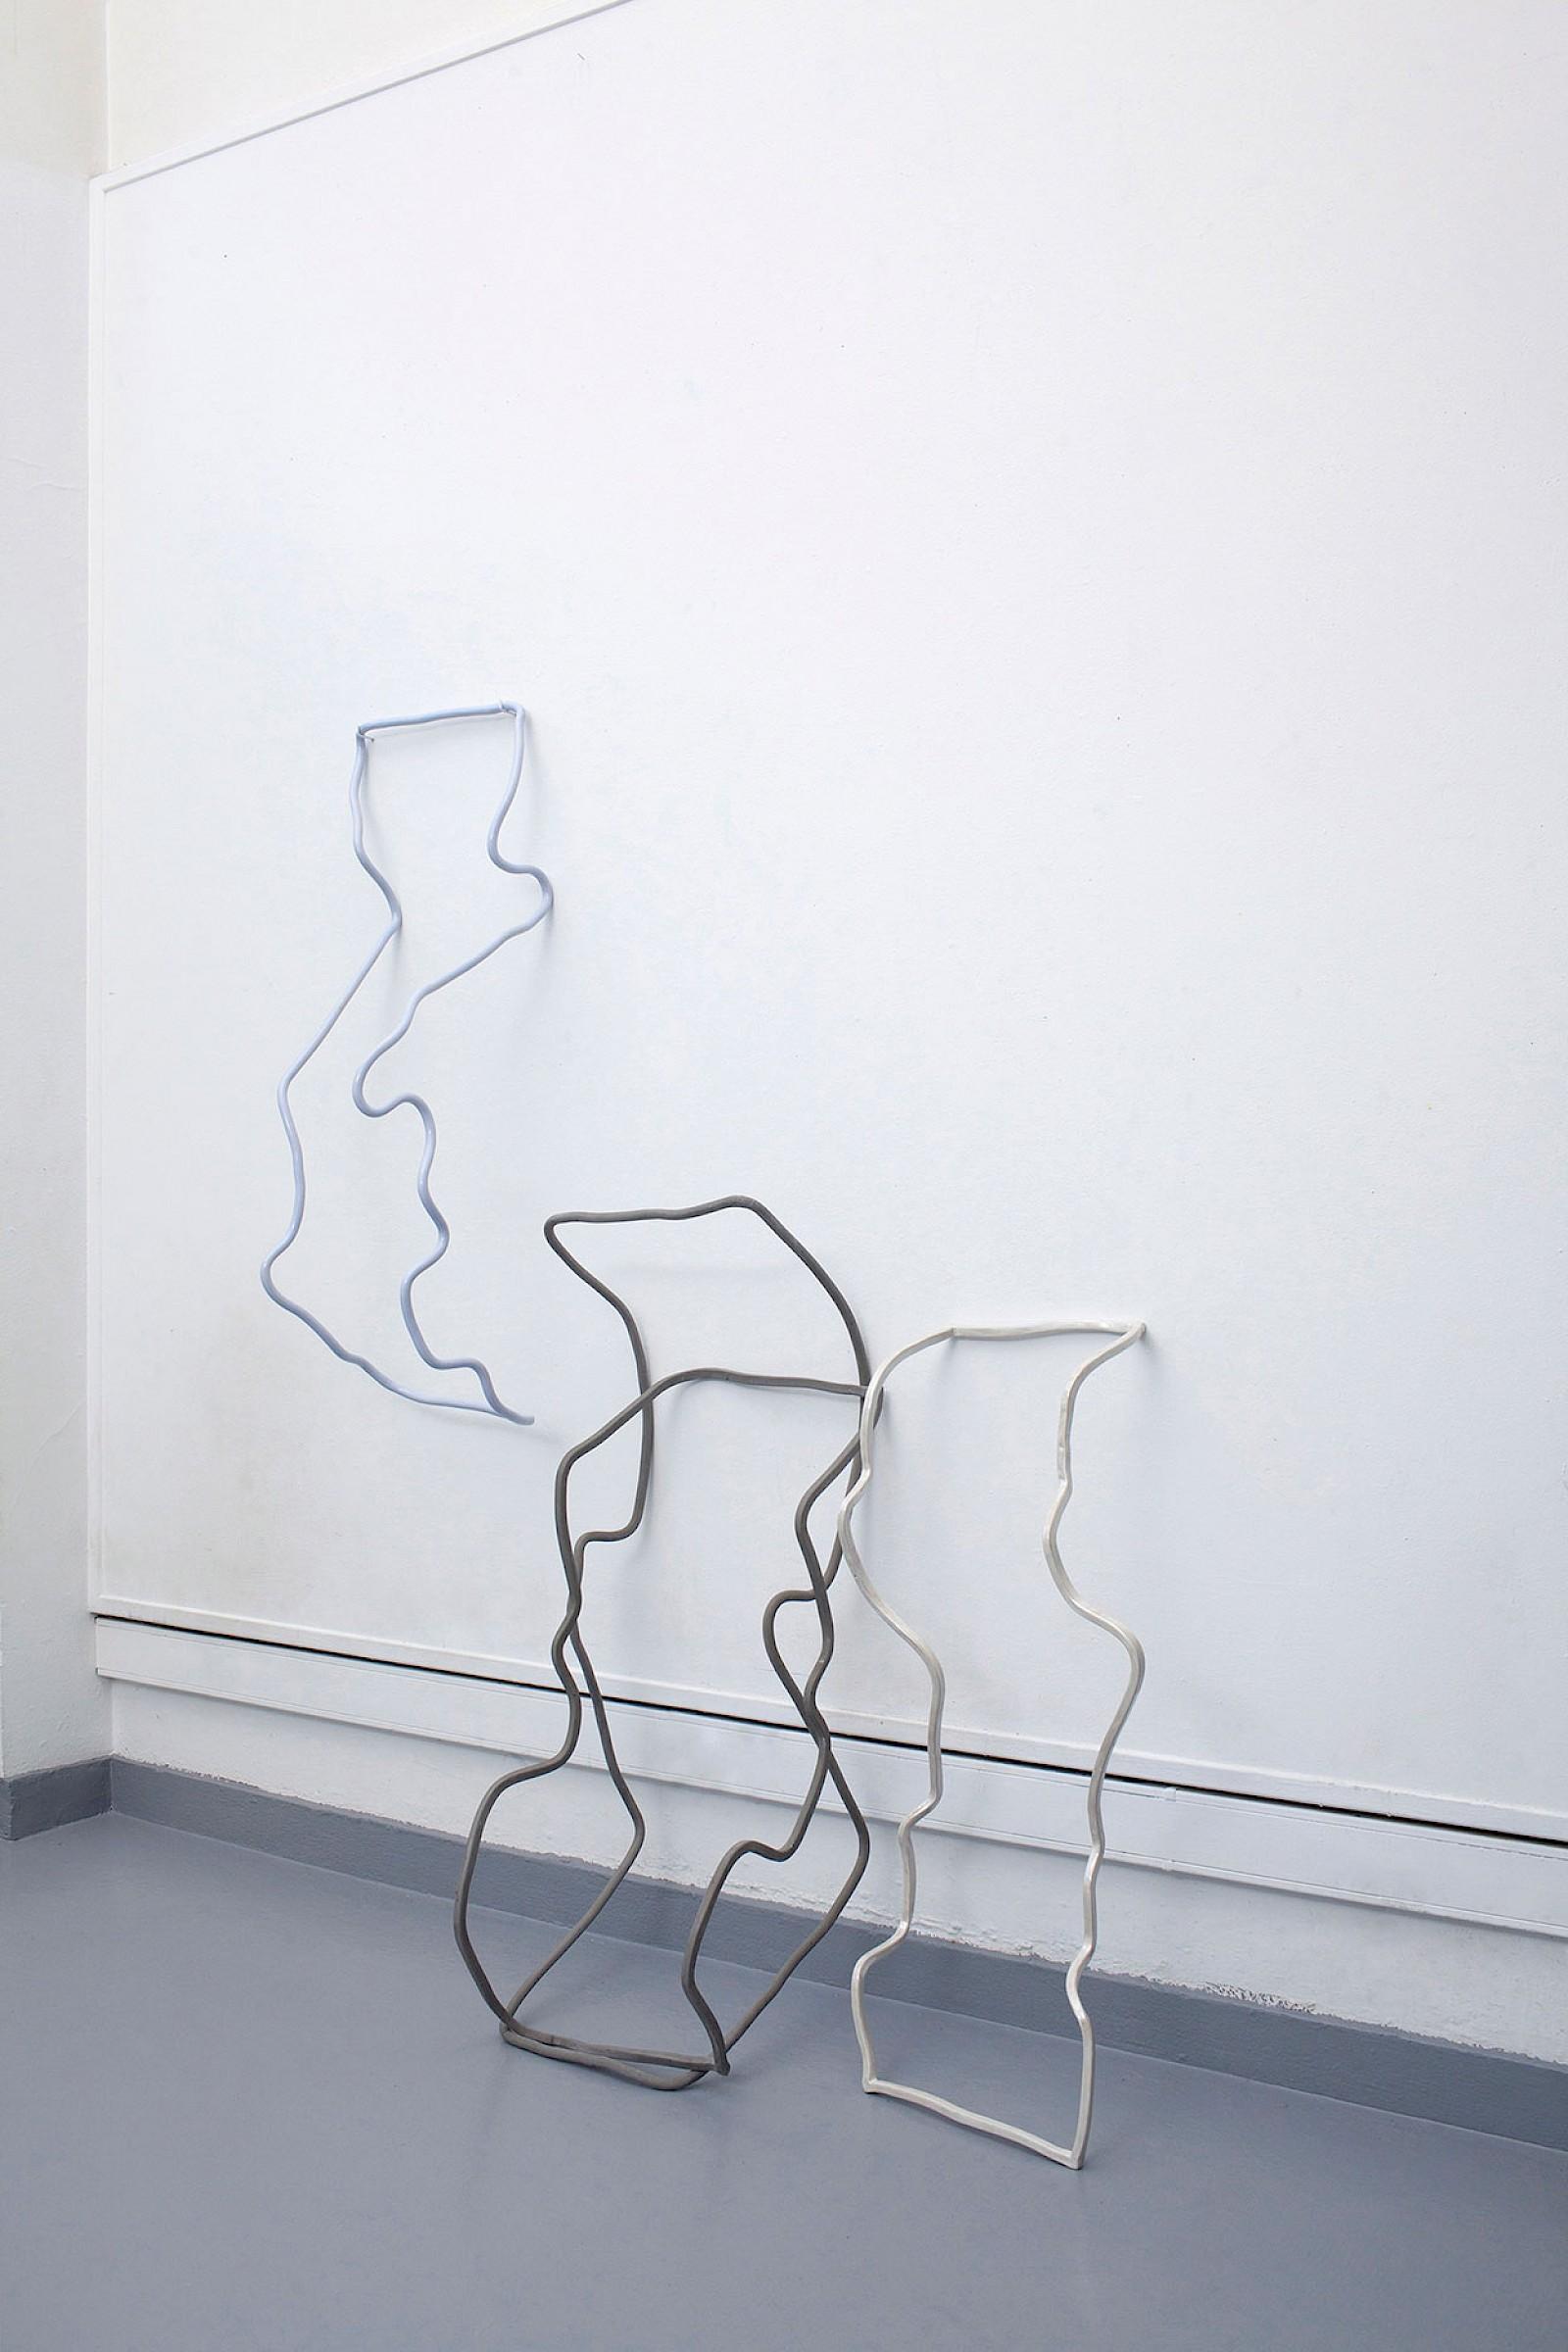 Image - Cité Internationale des Arts, Paris